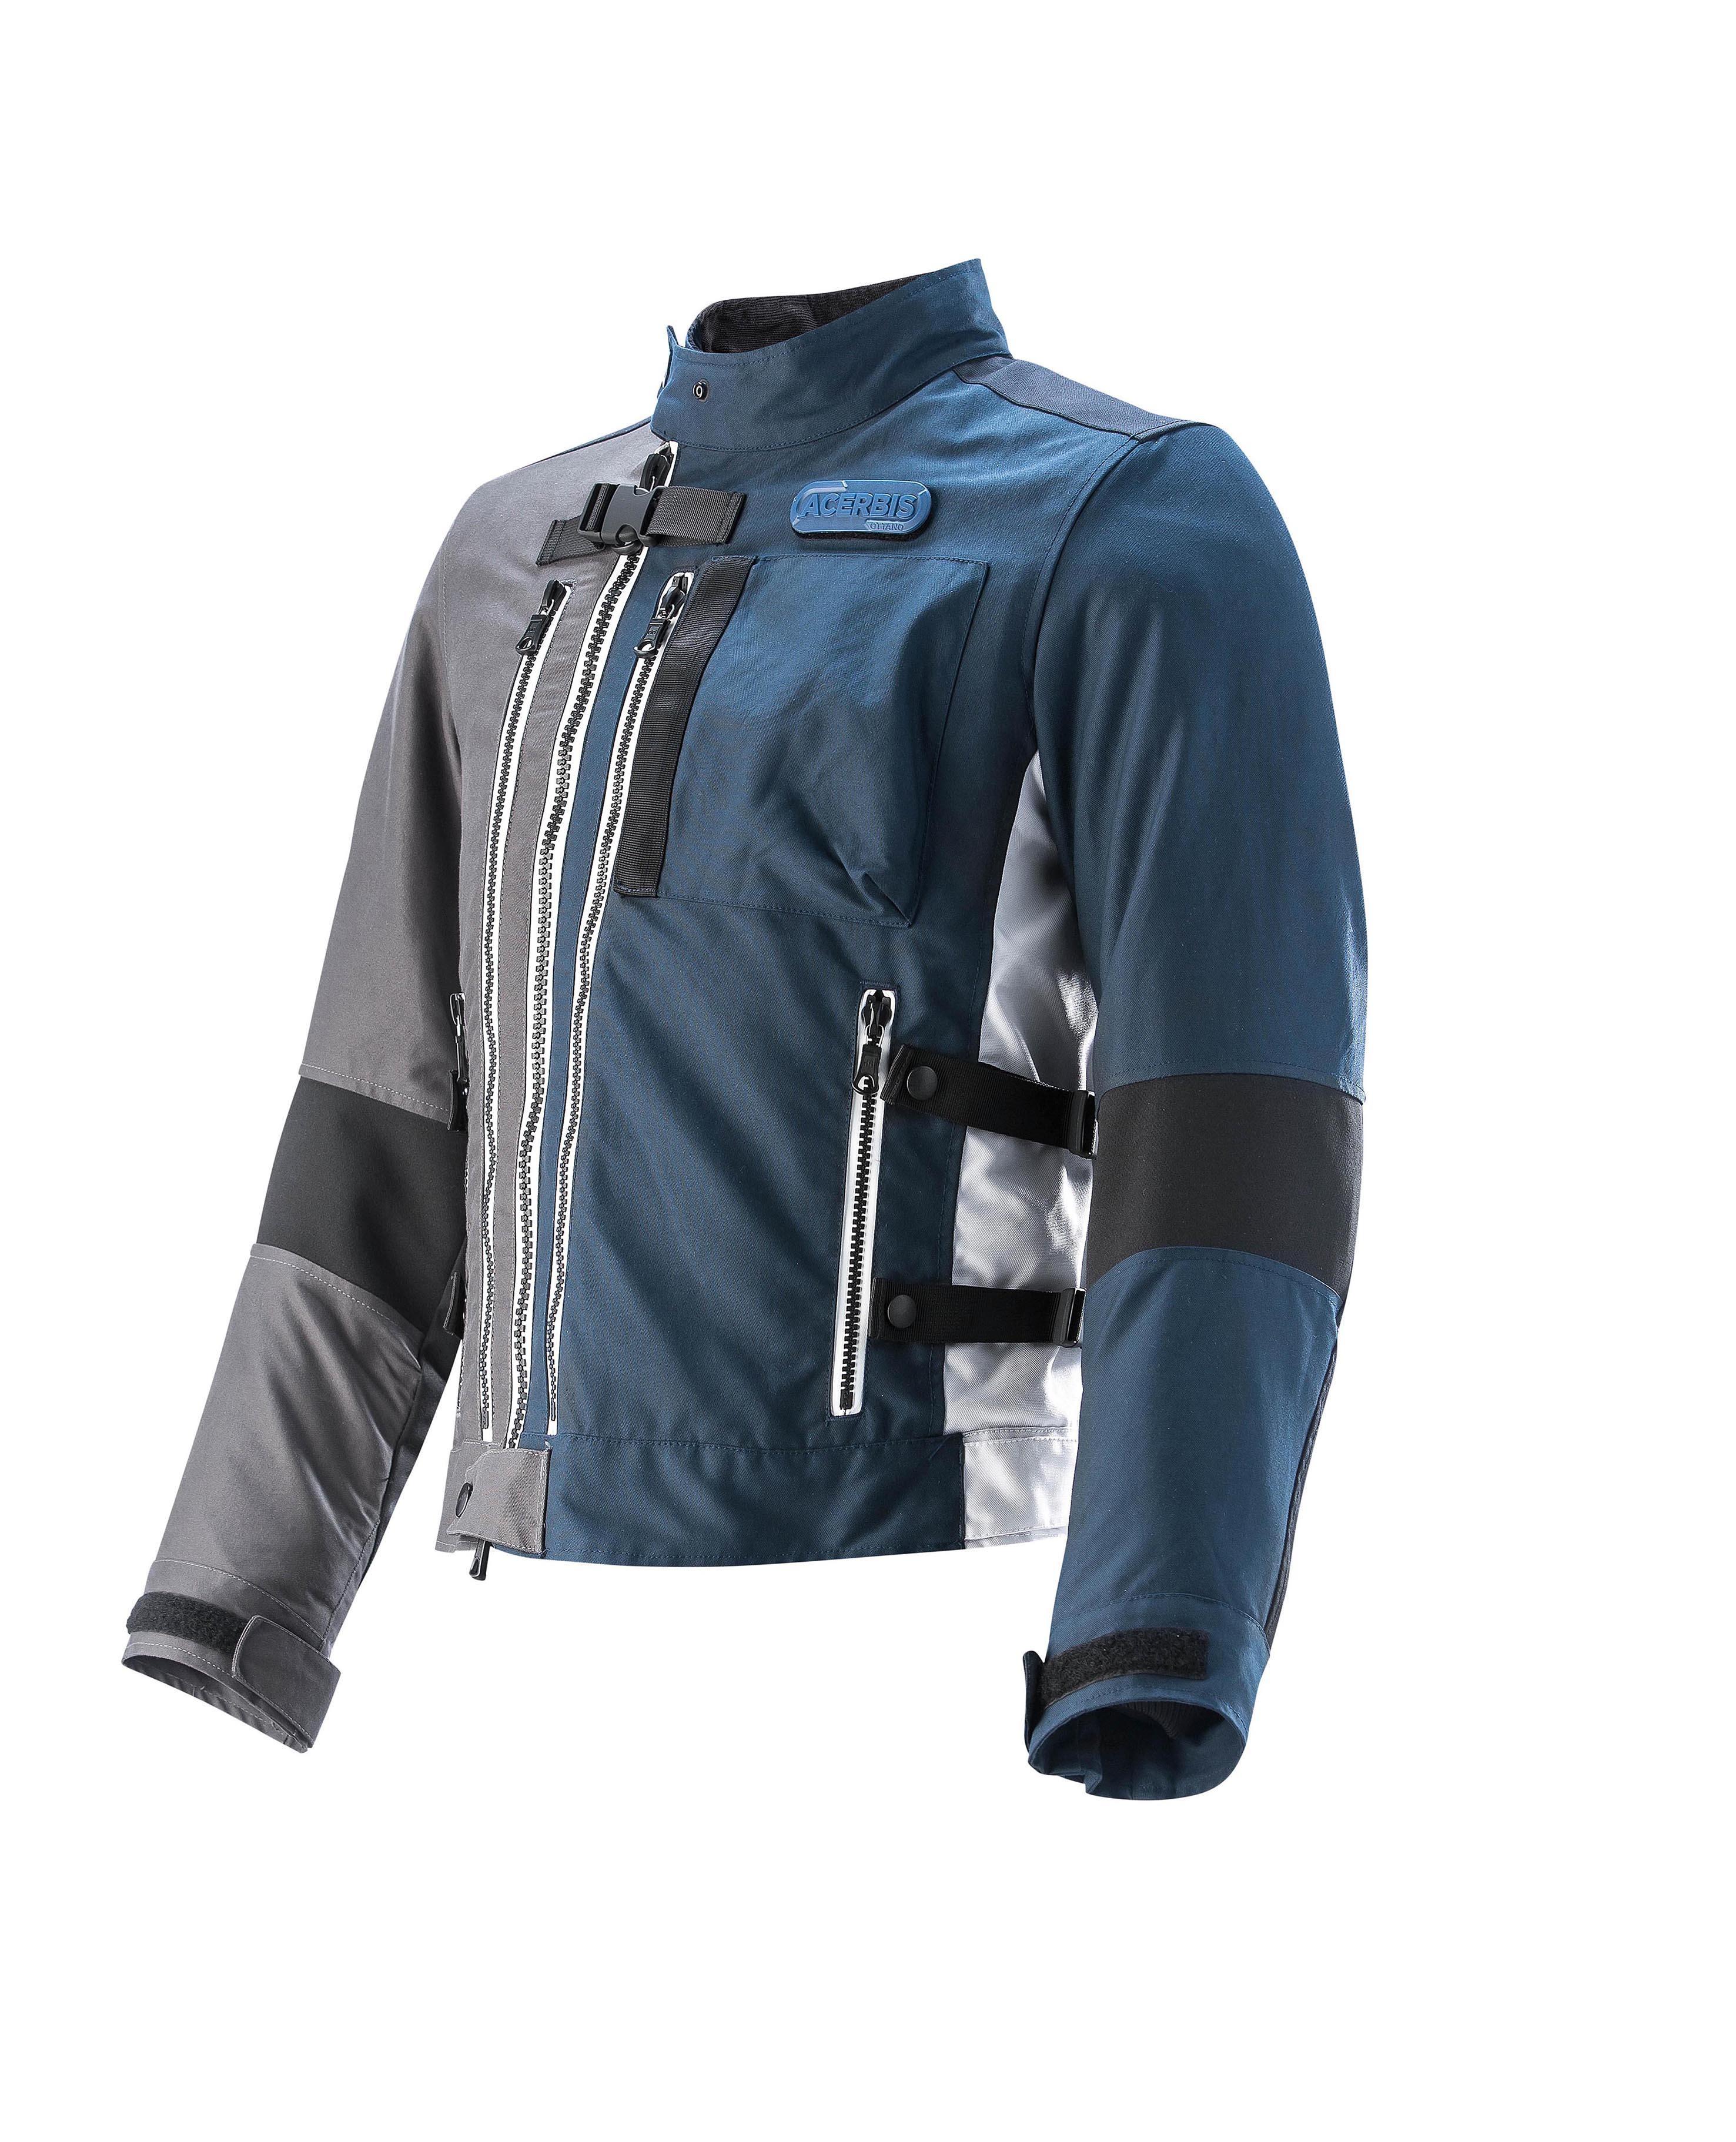 Acerbis chaqueta Scuderia pesante